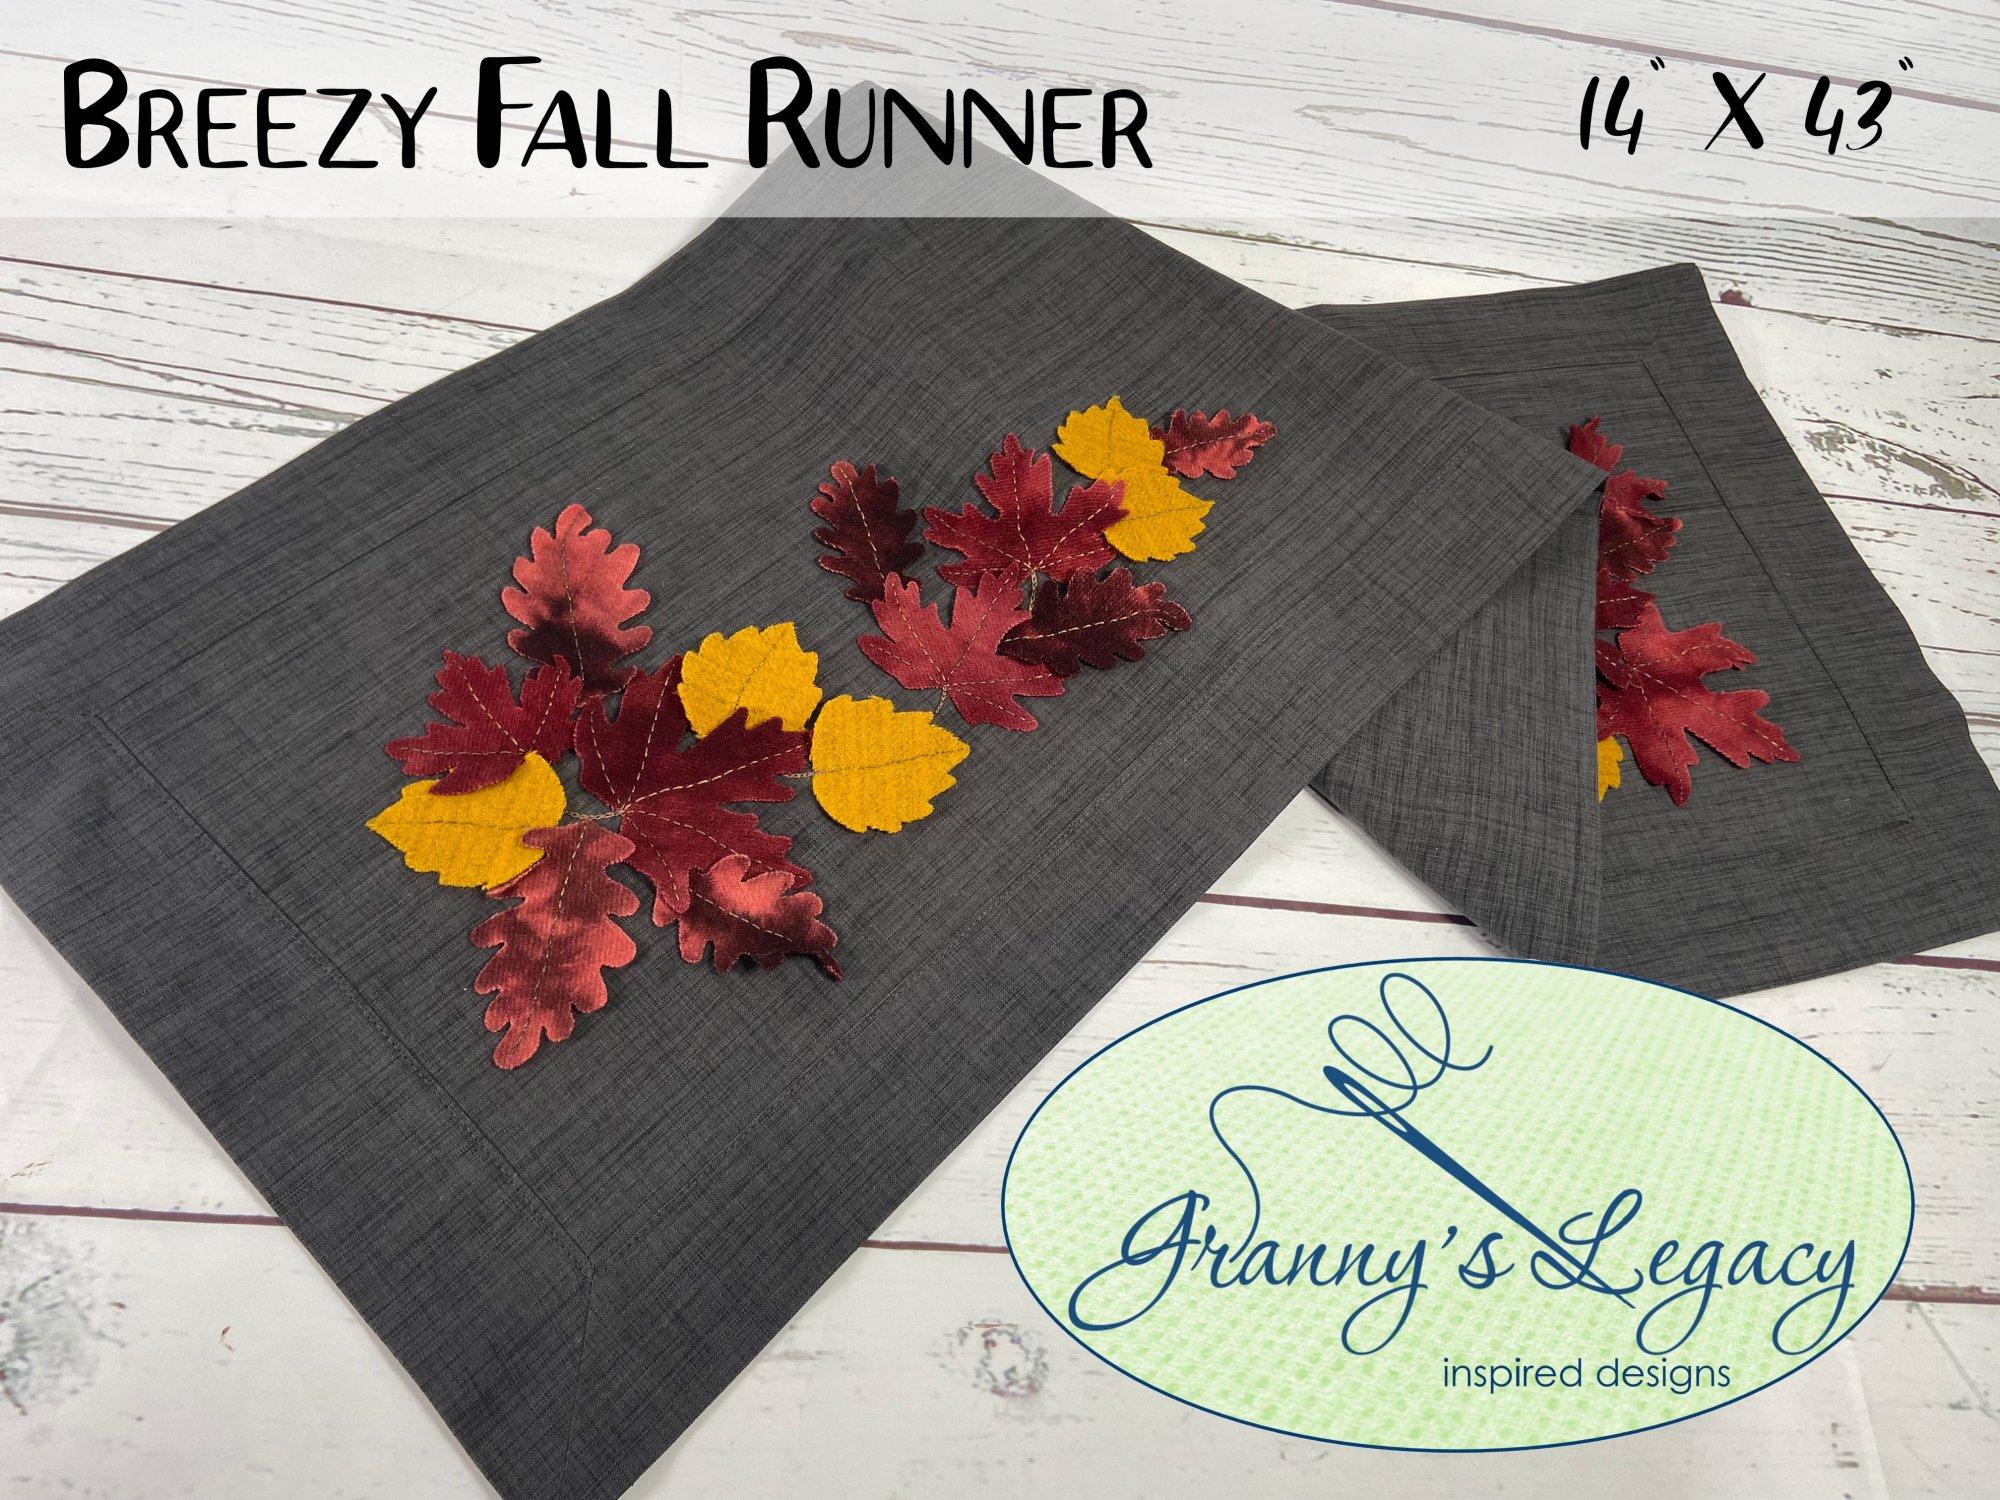 Breezy Fall Runner